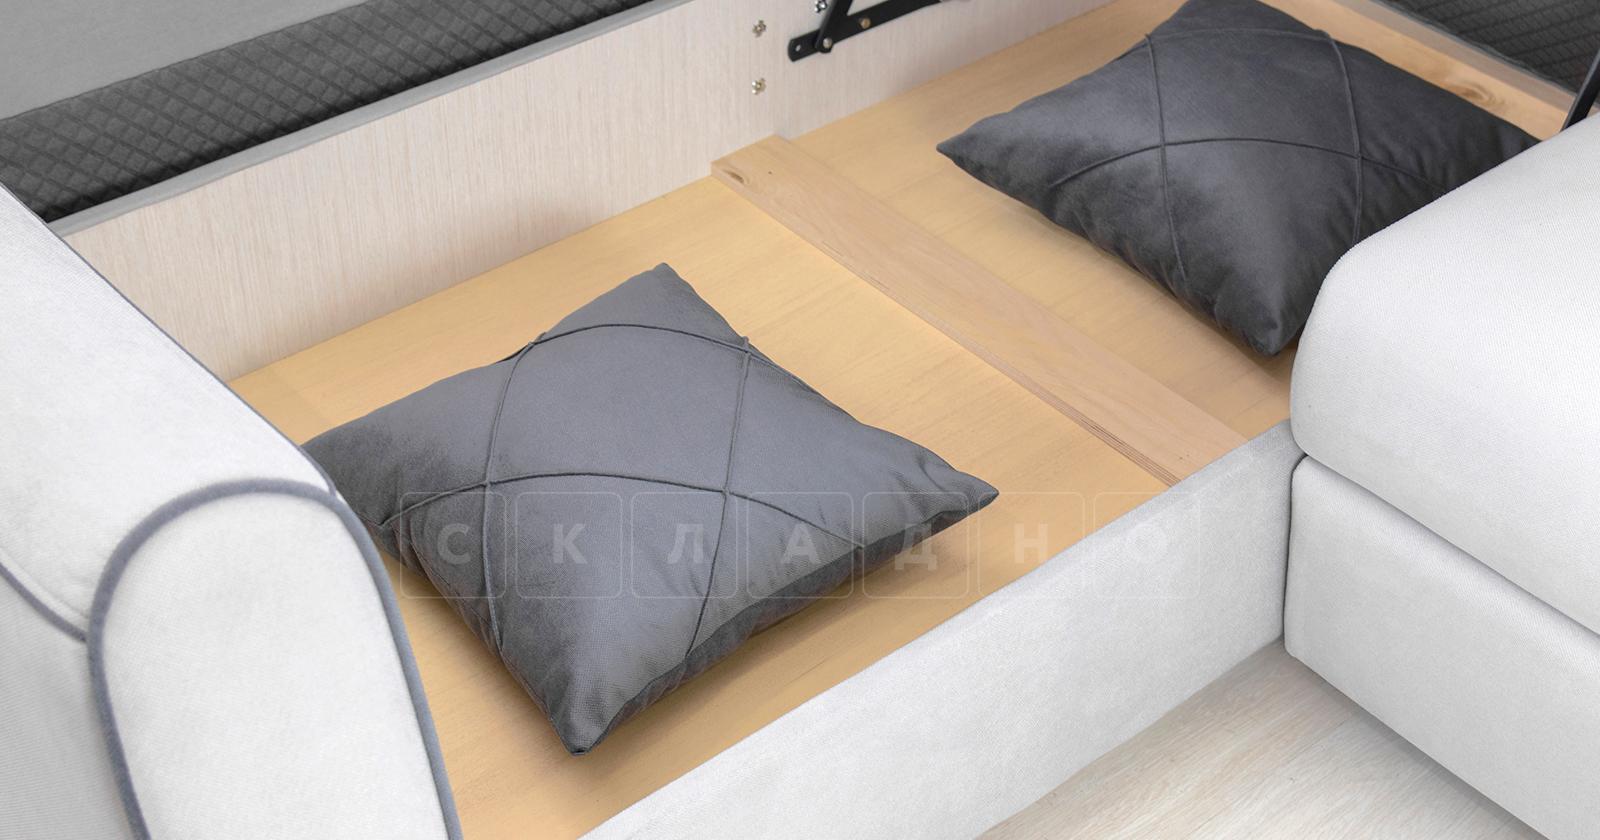 Диван-кровать угловой Флэтфорд светло-серый фото 16 | интернет-магазин Складно